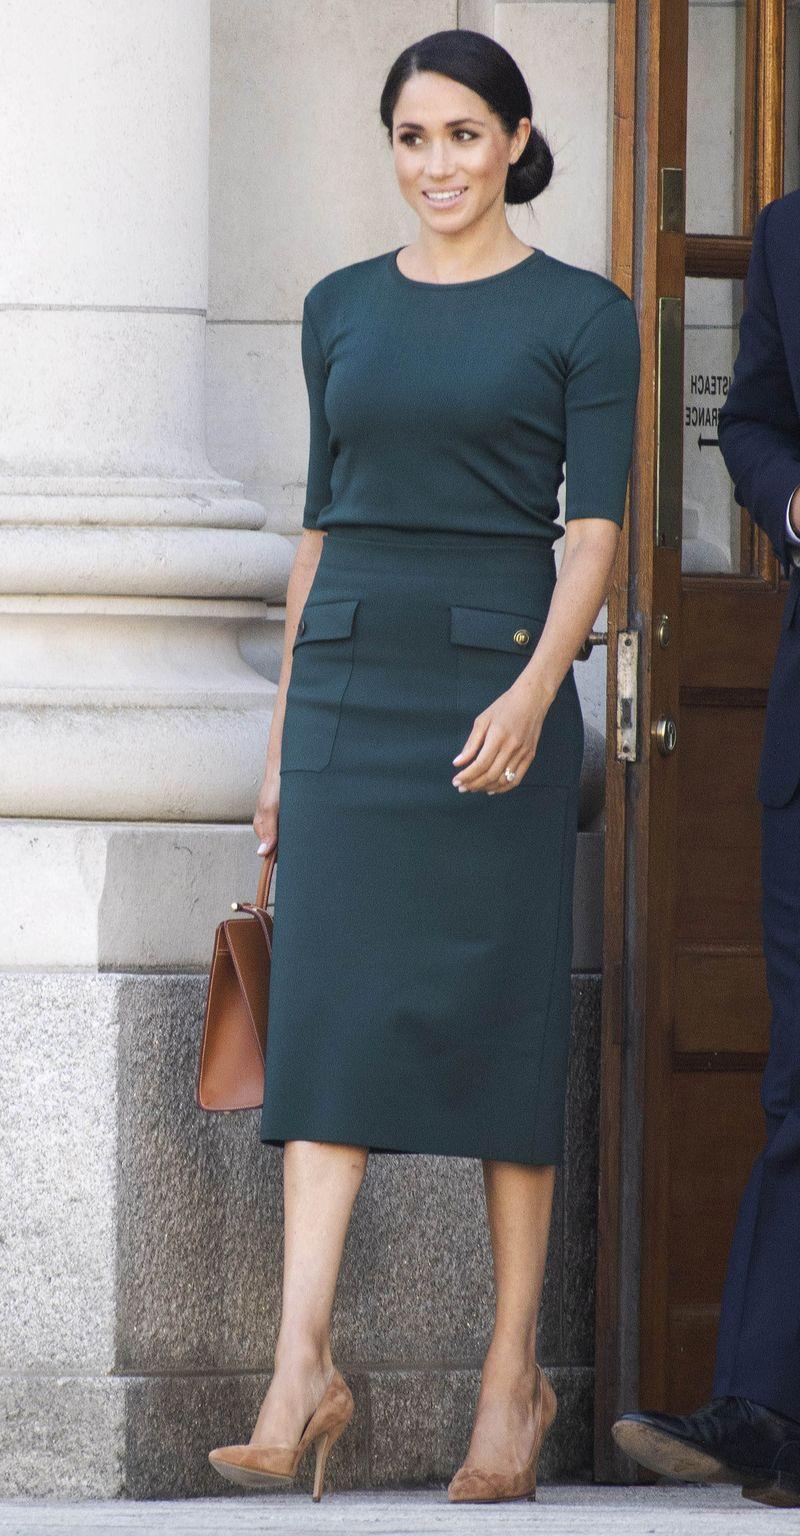 Meghan Markle w ołówkowej sukience w Dublinie (ZDJĘCIA)